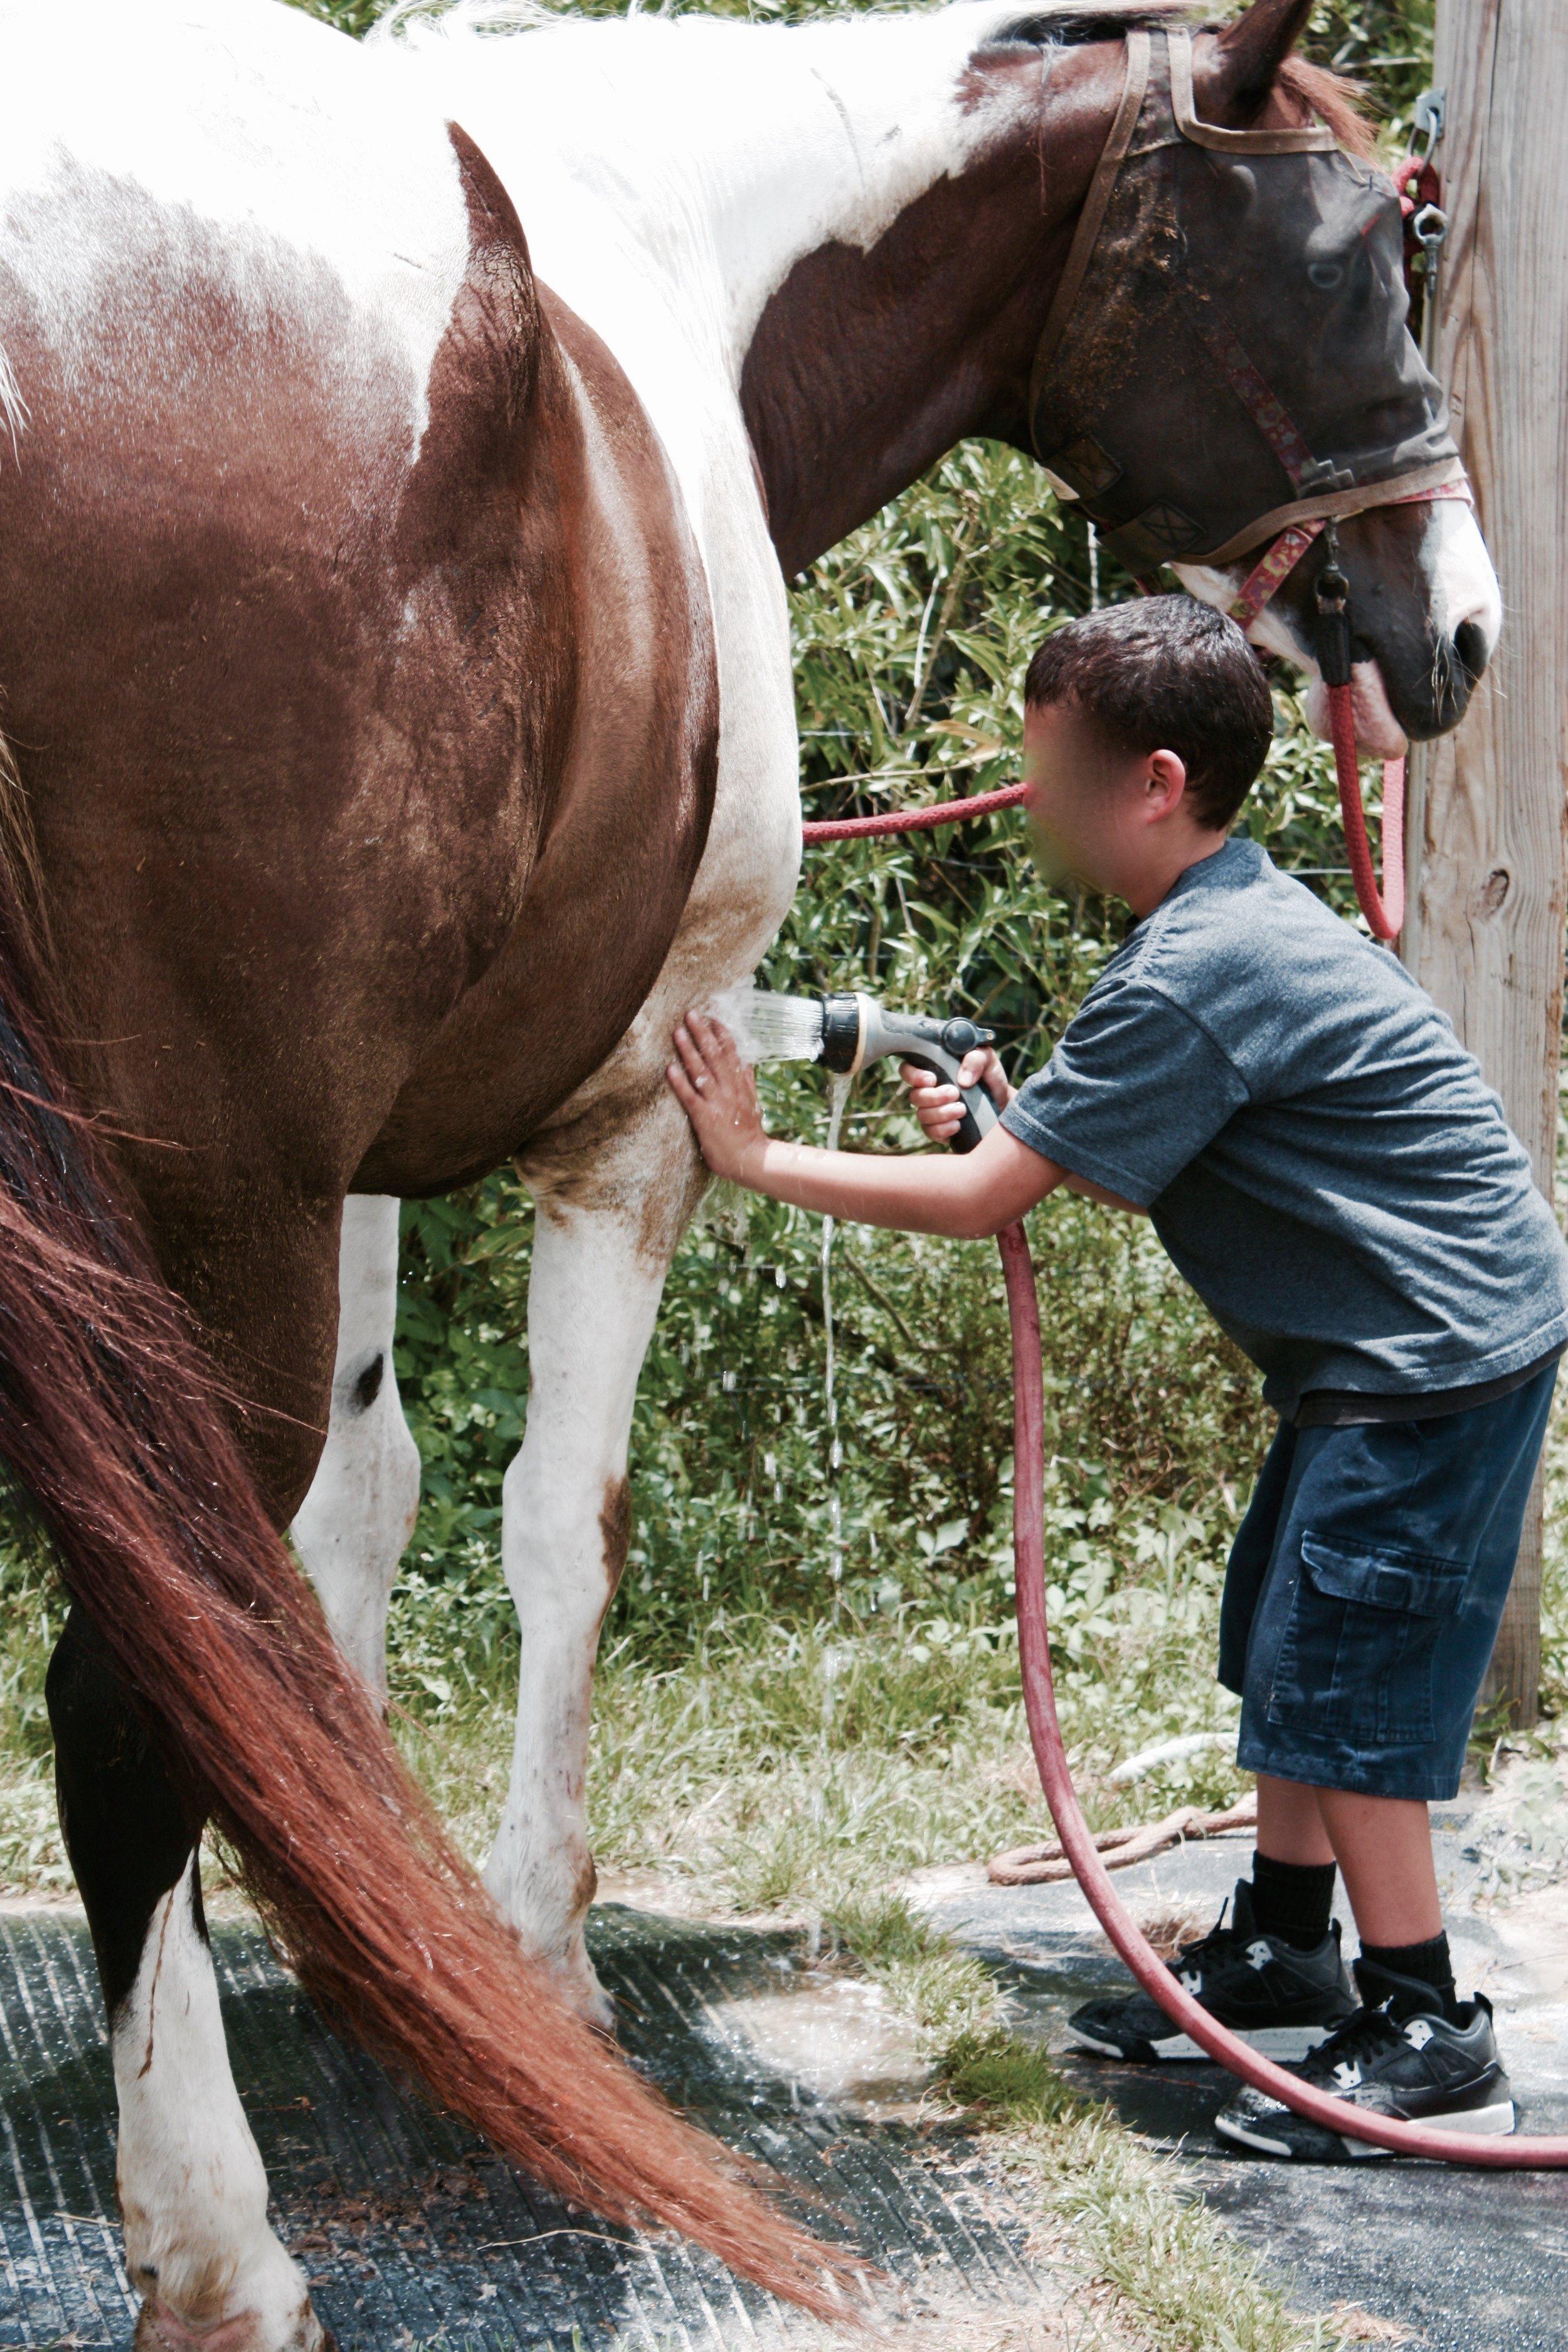 Purple Moose Camp goes to F.R.I.E.N.D.S. Horse Sanctuary Summer 2015